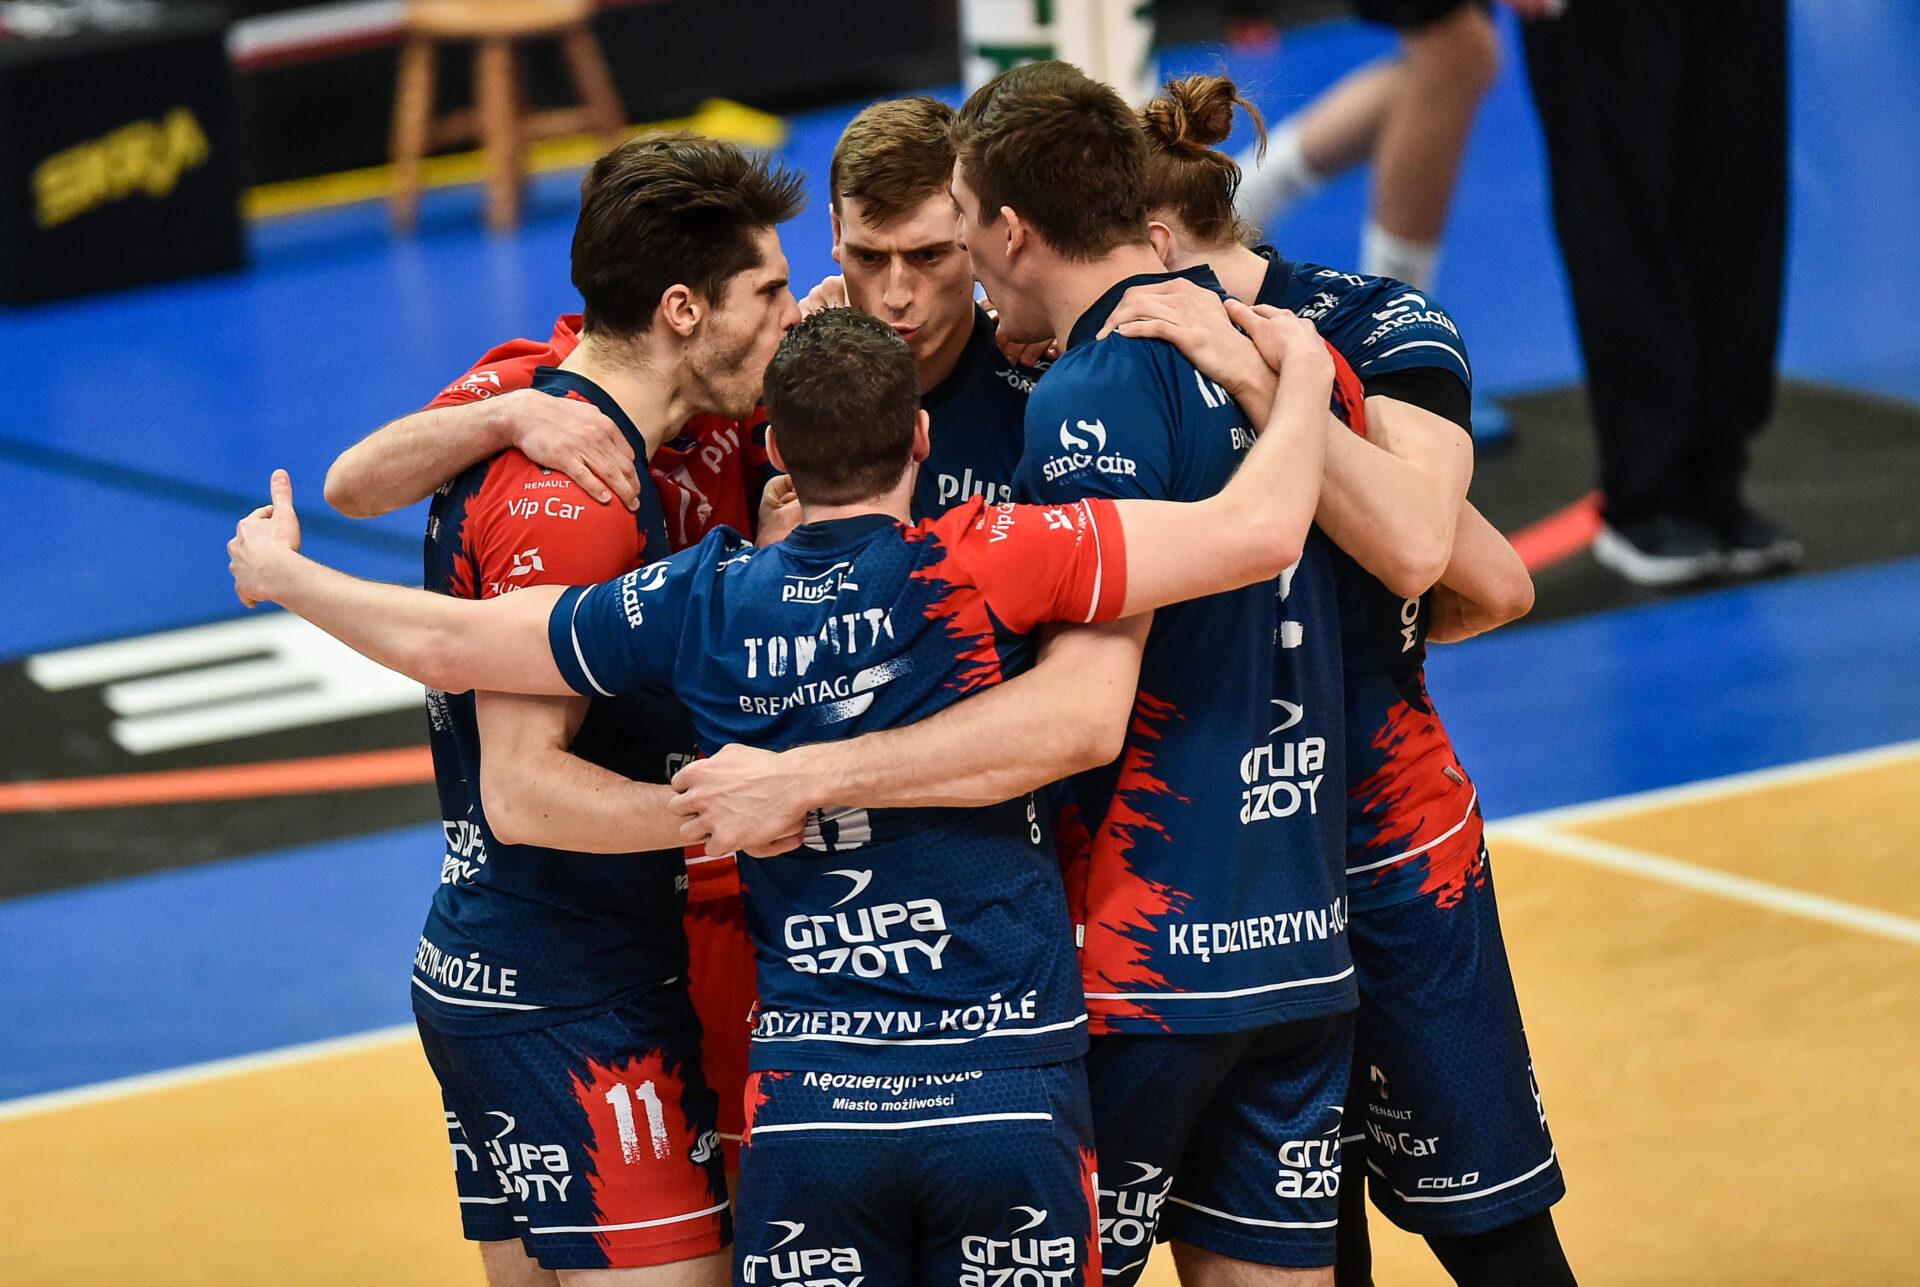 Walka o finał przedłużona, rywalizacja wraca do Kędzierzyna-Koźla